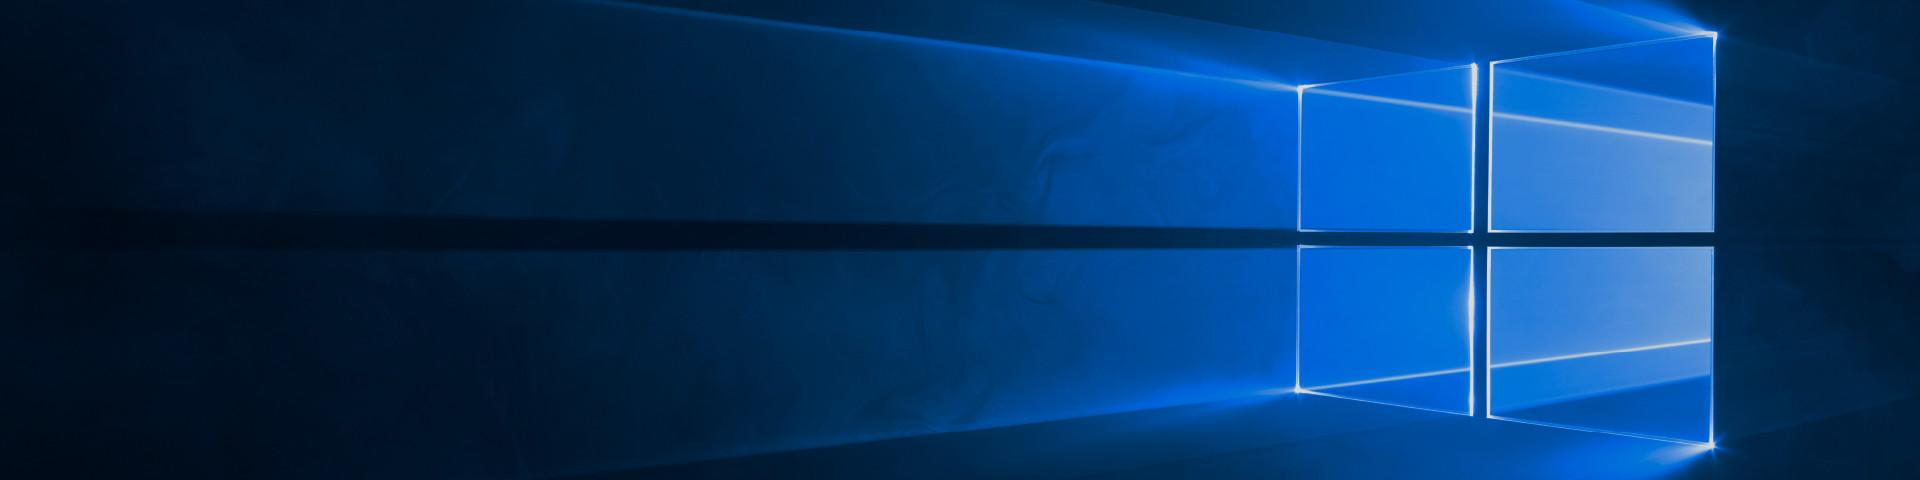 Windows 10 ya está aquí y puedes descargarlo gratis.*